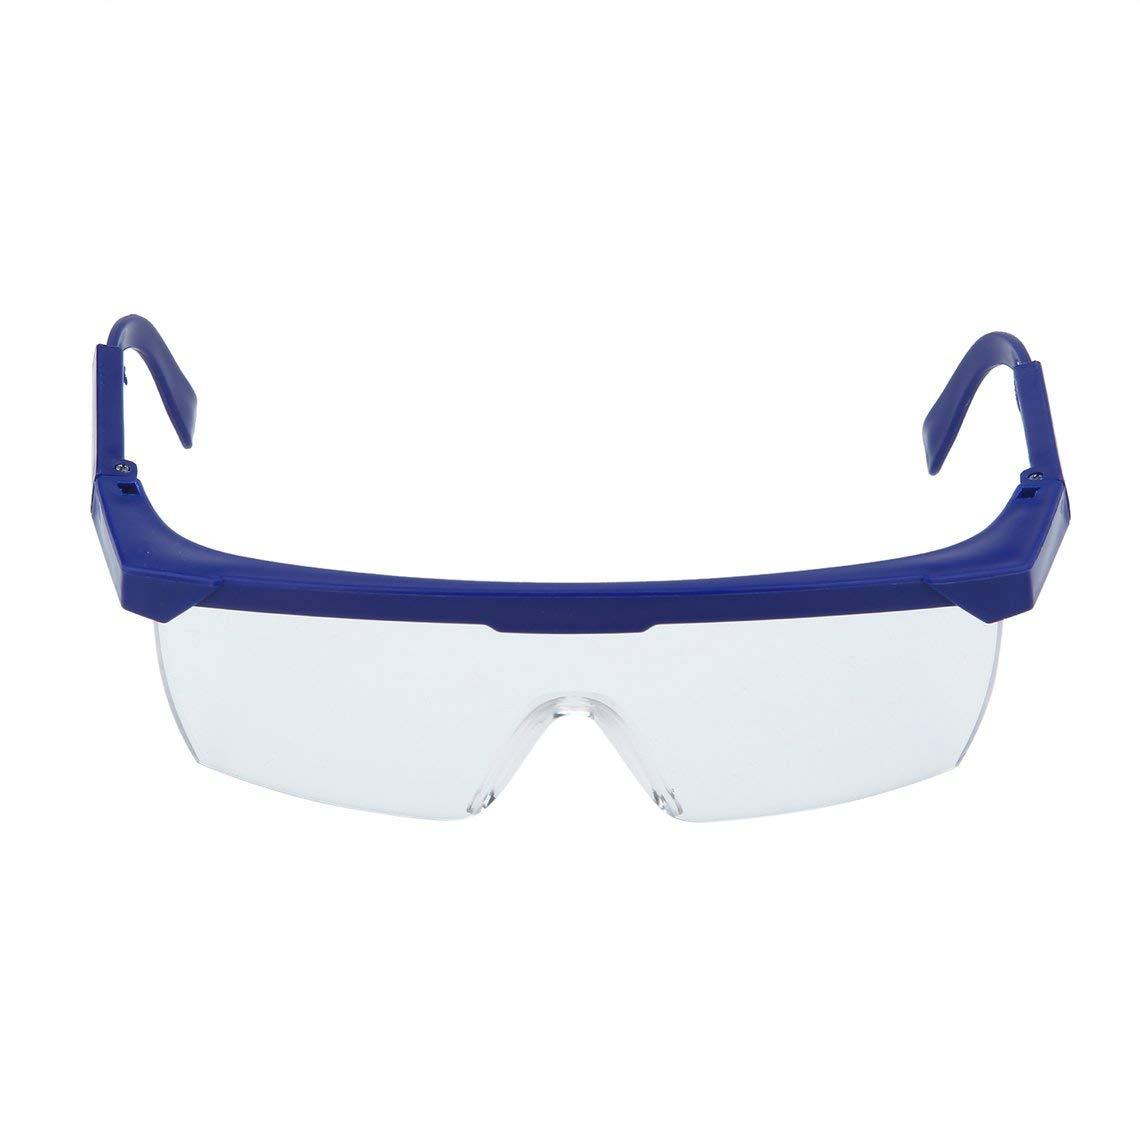 Zinniaya Seguridad en el Trabajo Gafas Protectoras para los Ojos Anteojos Laboratorio Pintura contra el Polvo Dental Industrial Anti-Splash Wind A Prueba de Polvo Gafas